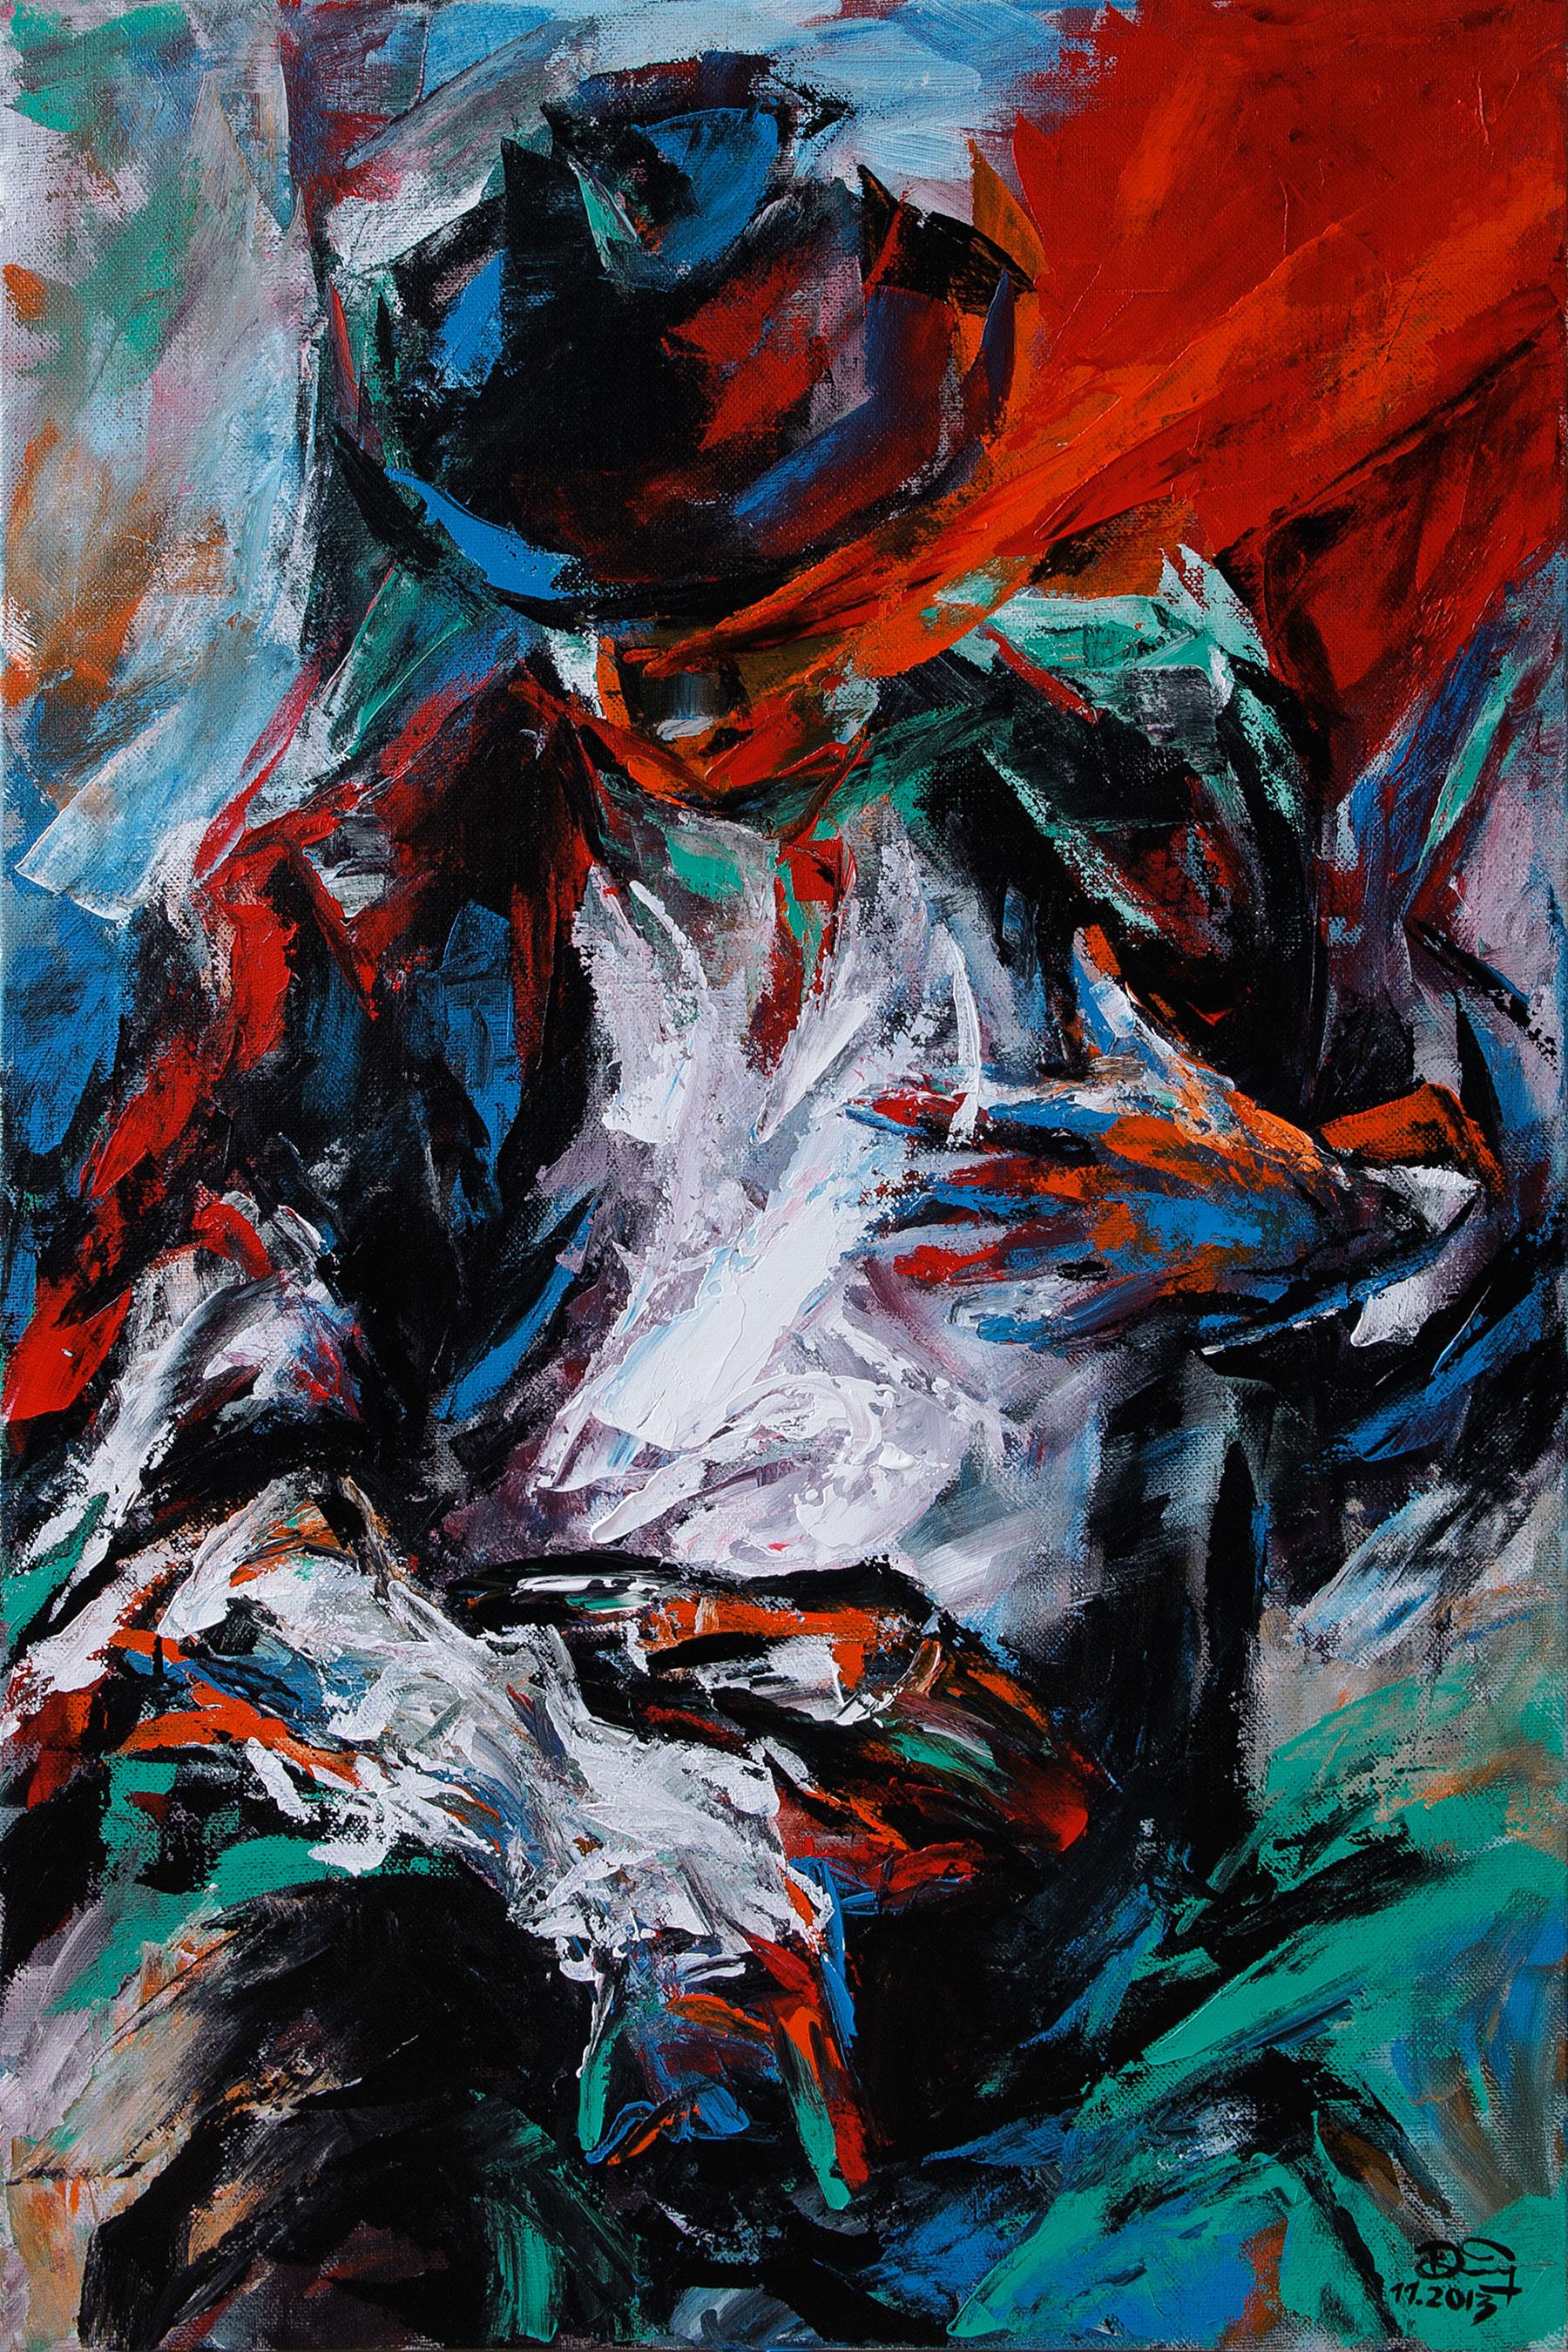 Michael Modo Artistico - Pagina 4 Mj-06